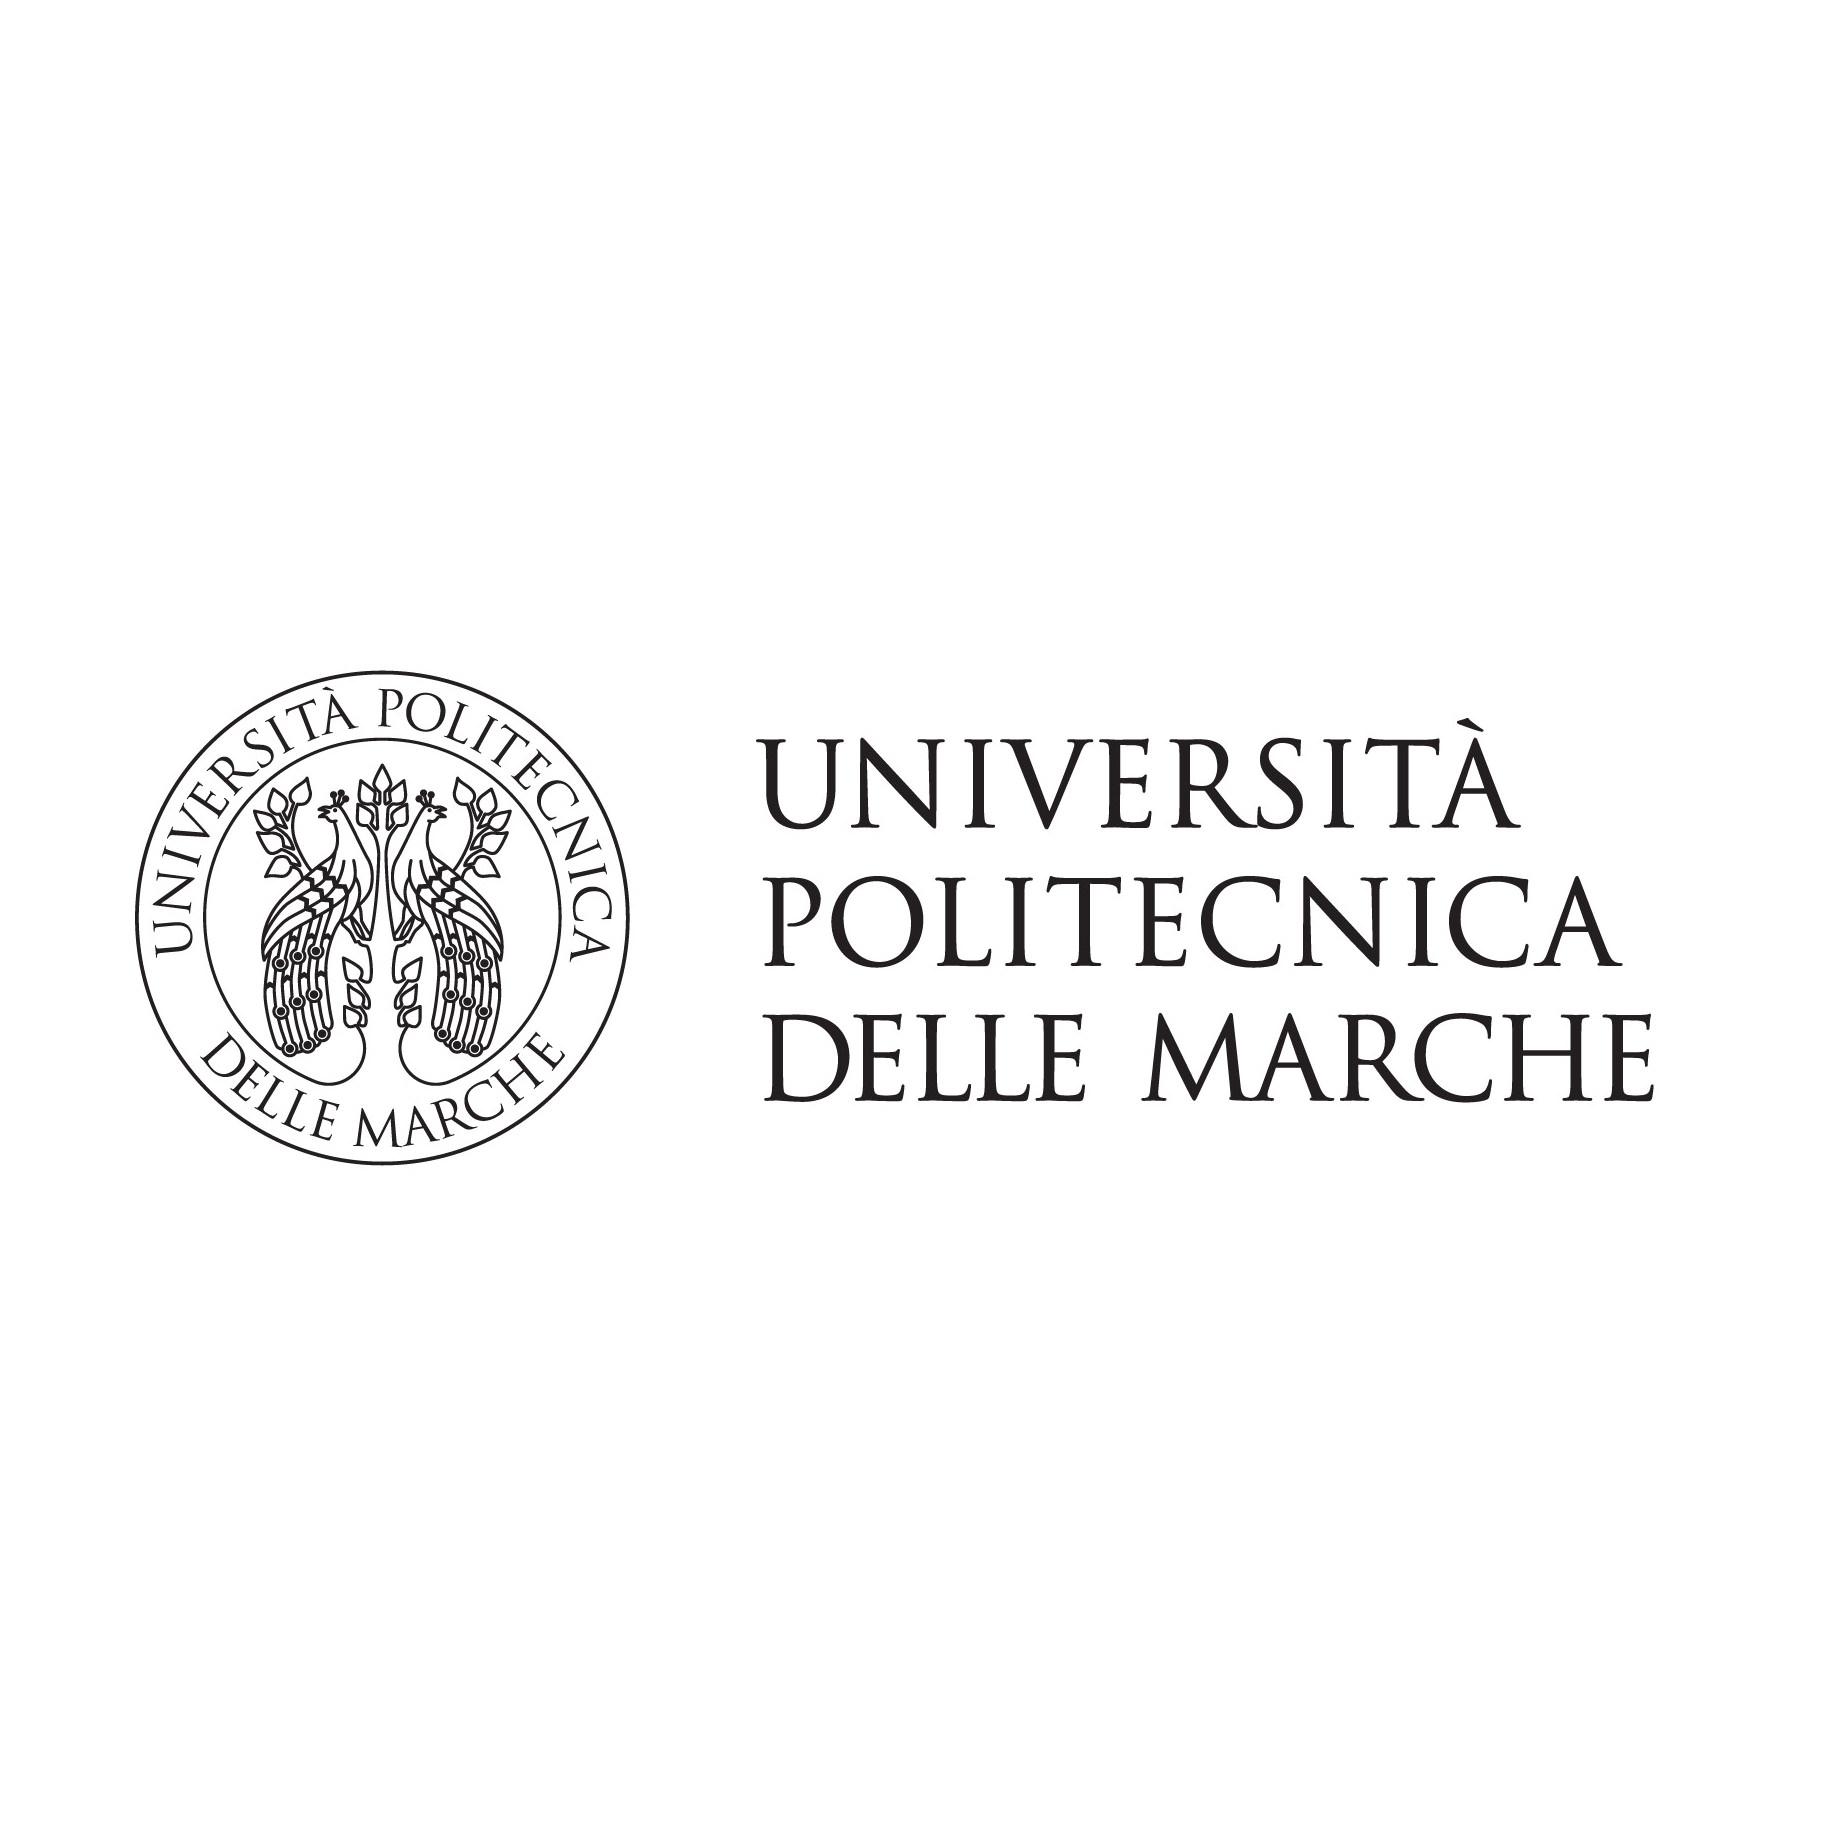 Logo Università Politecnica delle Marche - Cliente Citynet Srl